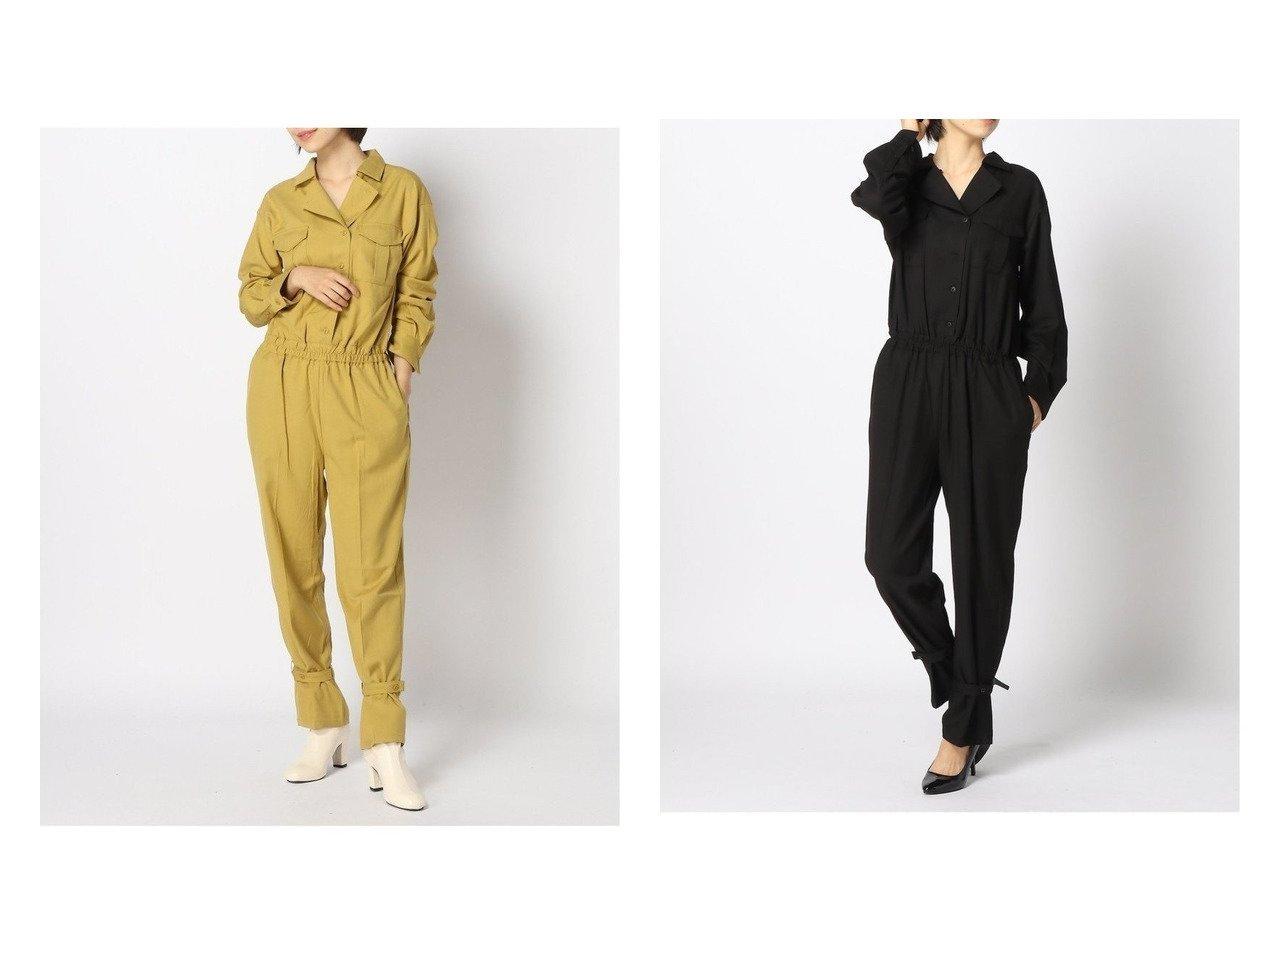 【LOWRYS FARM/ローリーズファーム】のジャンプスーツ おすすめ!人気、トレンド・レディースファッションの通販 おすすめで人気の流行・トレンド、ファッションの通販商品 インテリア・家具・メンズファッション・キッズファッション・レディースファッション・服の通販 founy(ファニー) https://founy.com/ ファッション Fashion レディースファッション WOMEN NEW・新作・新着・新入荷 New Arrivals おすすめ Recommend インナー サロペット ジーンズ スーツ タートル ポケット ミリタリー |ID:crp329100000071077